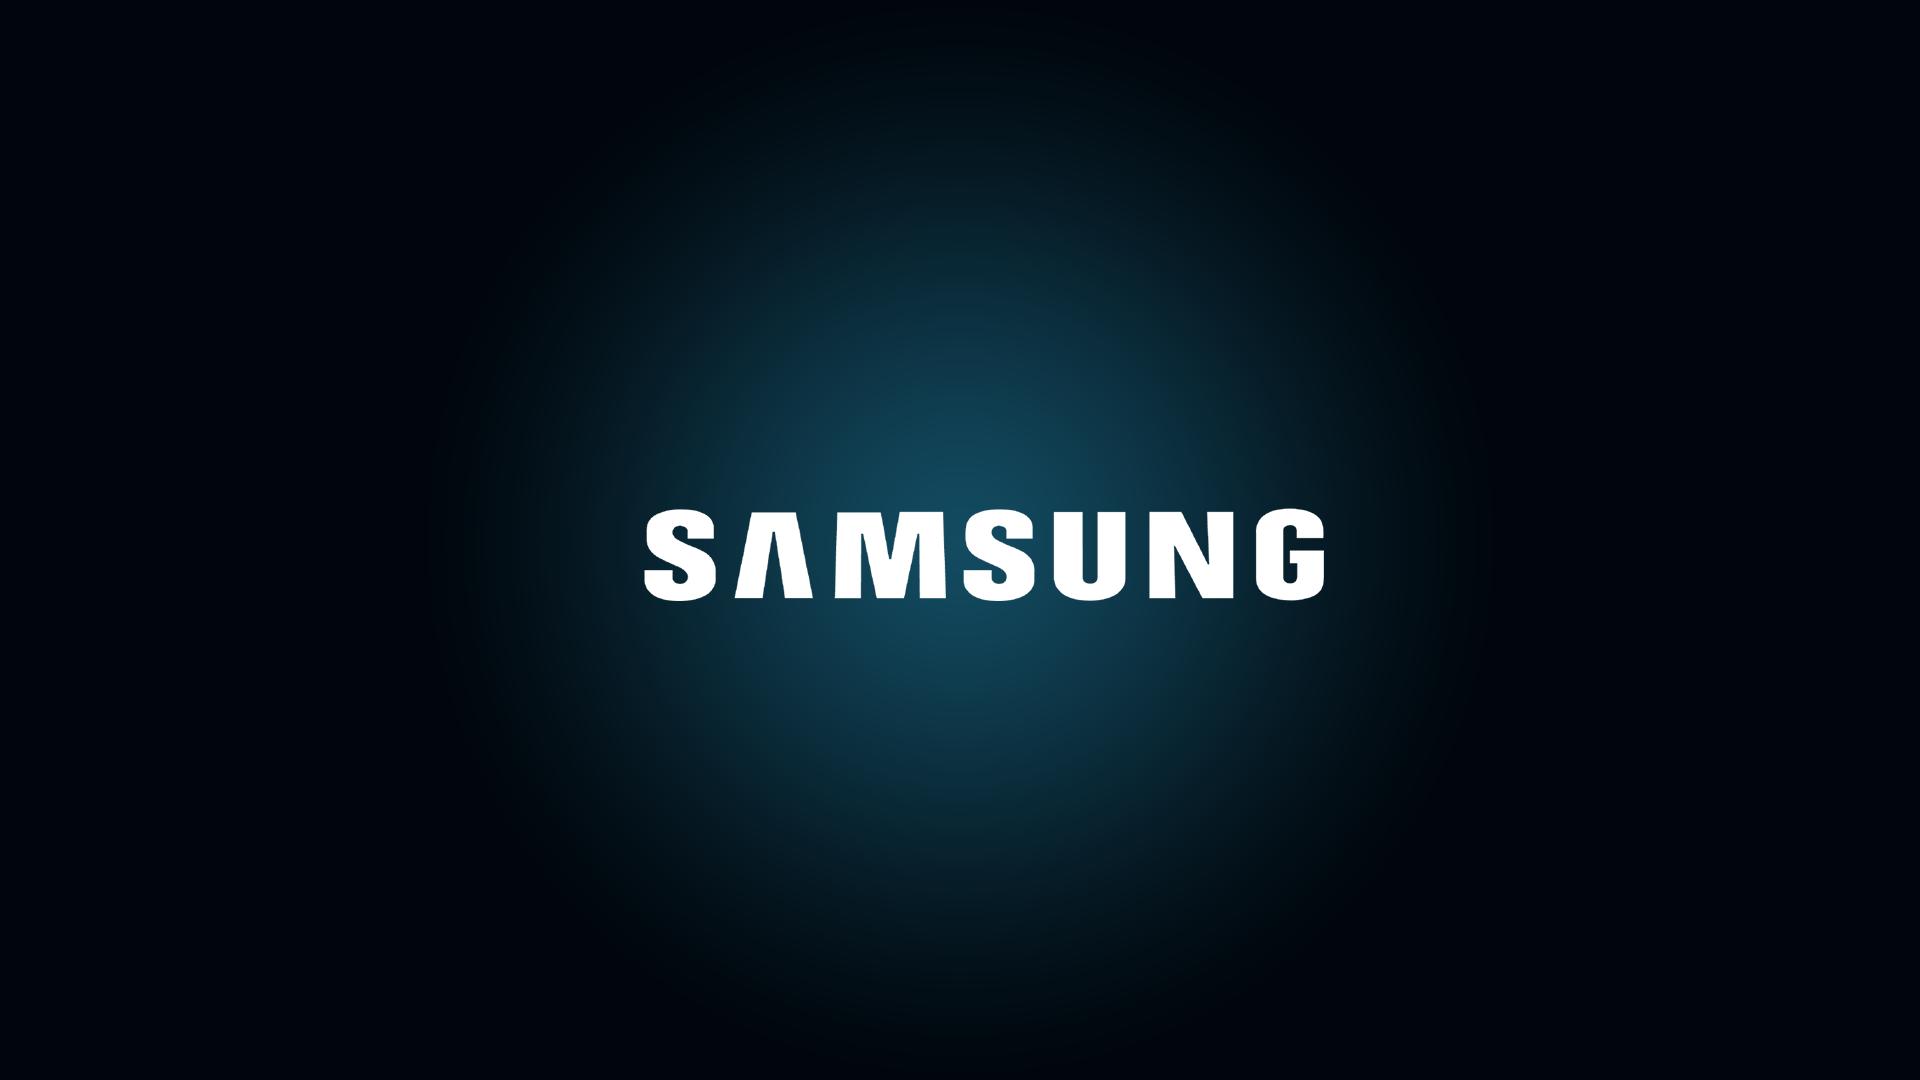 Koreli teknoloji devi Samsung pek ok byk devi zorlayan Japonya 1920x1080